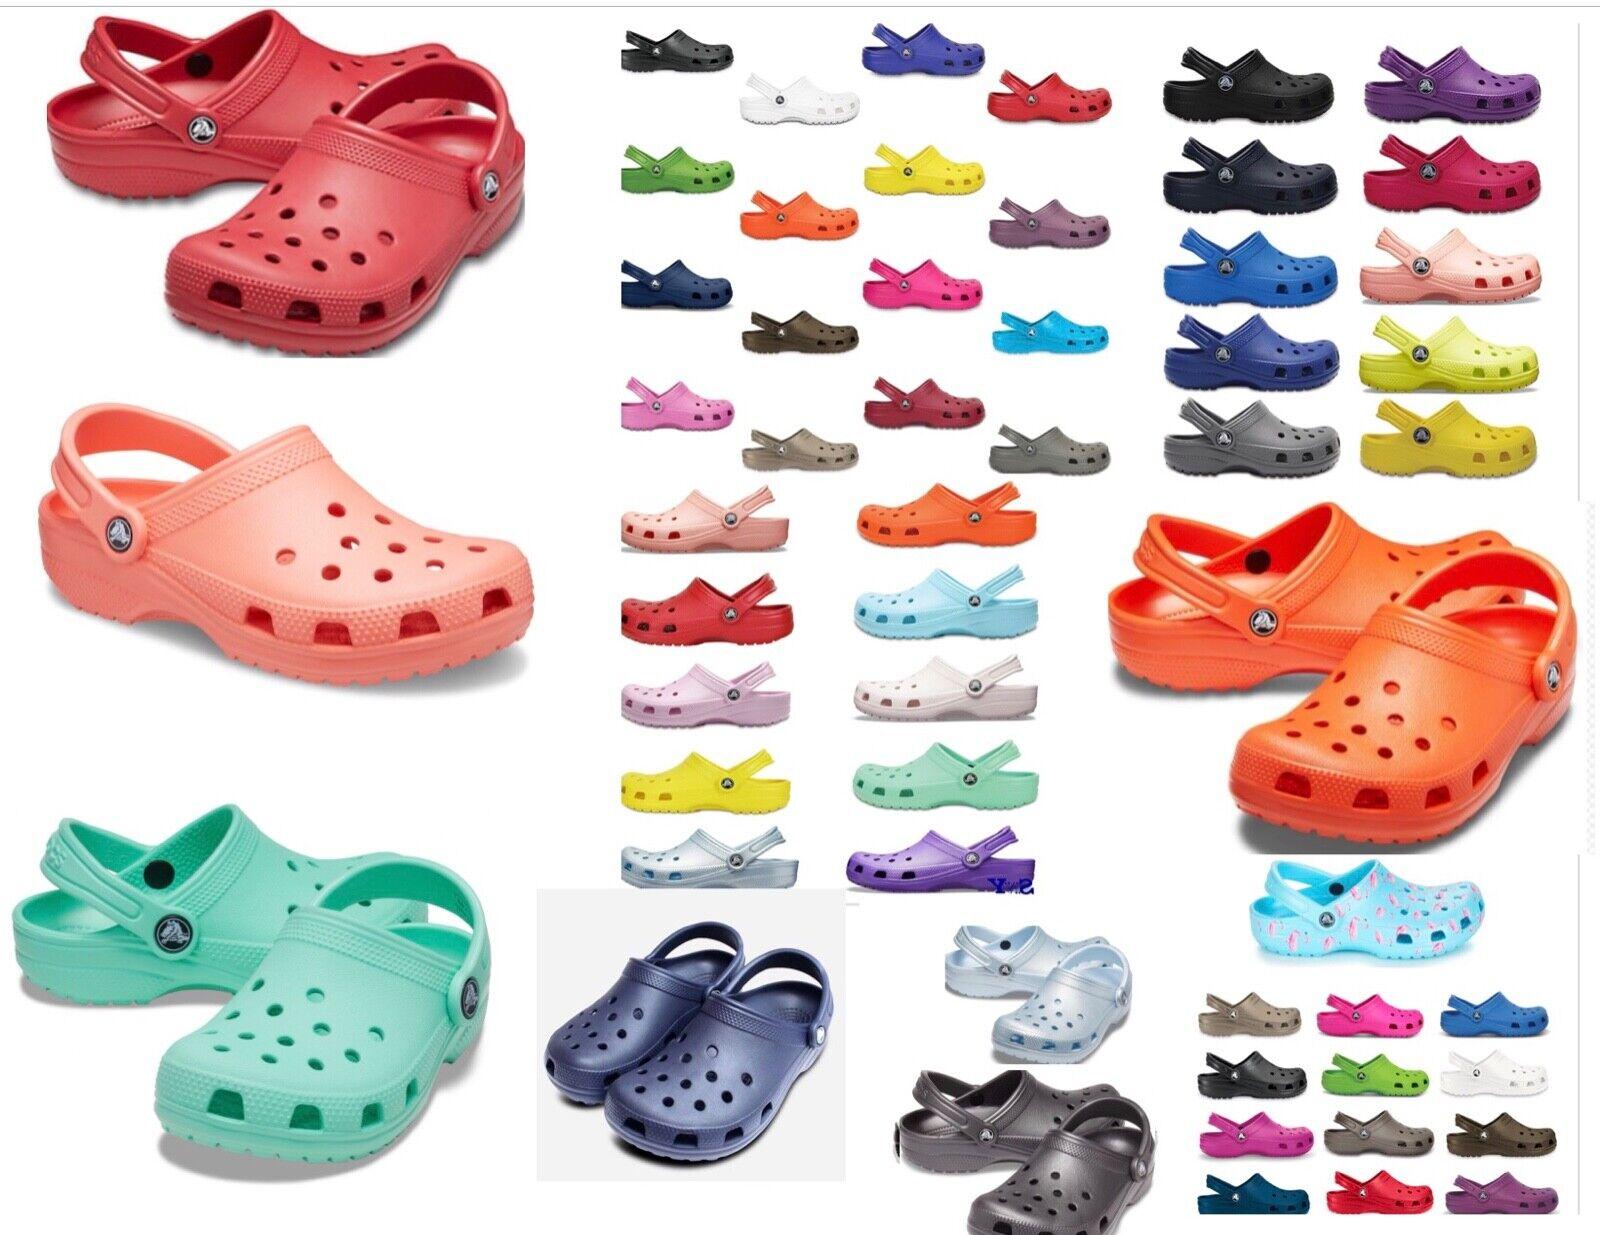 25 colors CROCS Original CLASSIC Clogs Shoes sandals sizes 4 17 vegan